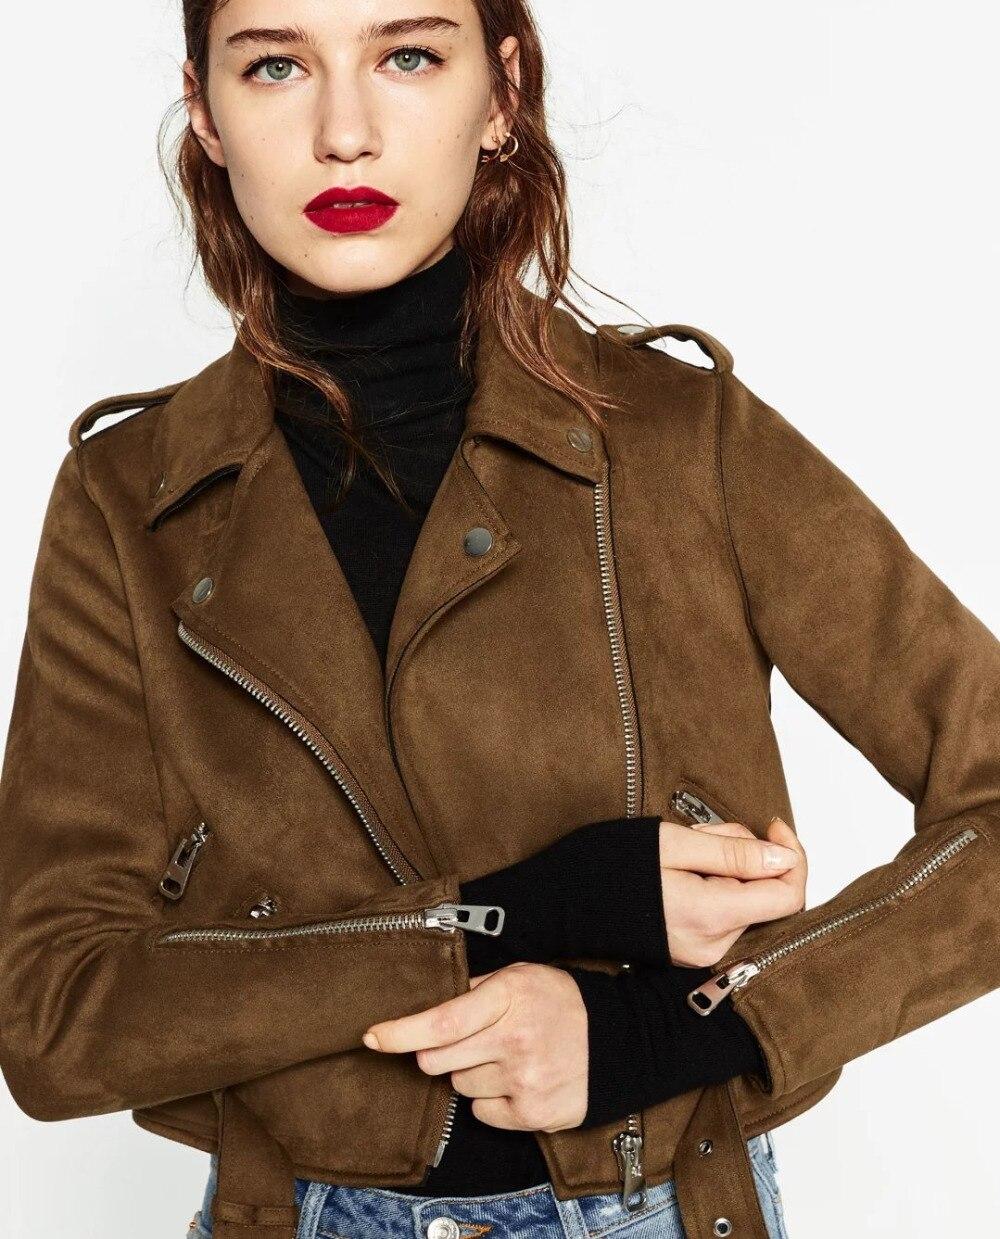 Новинка 2017 Arrial Женская на осень-зиму, куртка из искусственной кожи Модные женские Мэтт пальто, байкер-Серый Розовый Бежевый наряд(China)